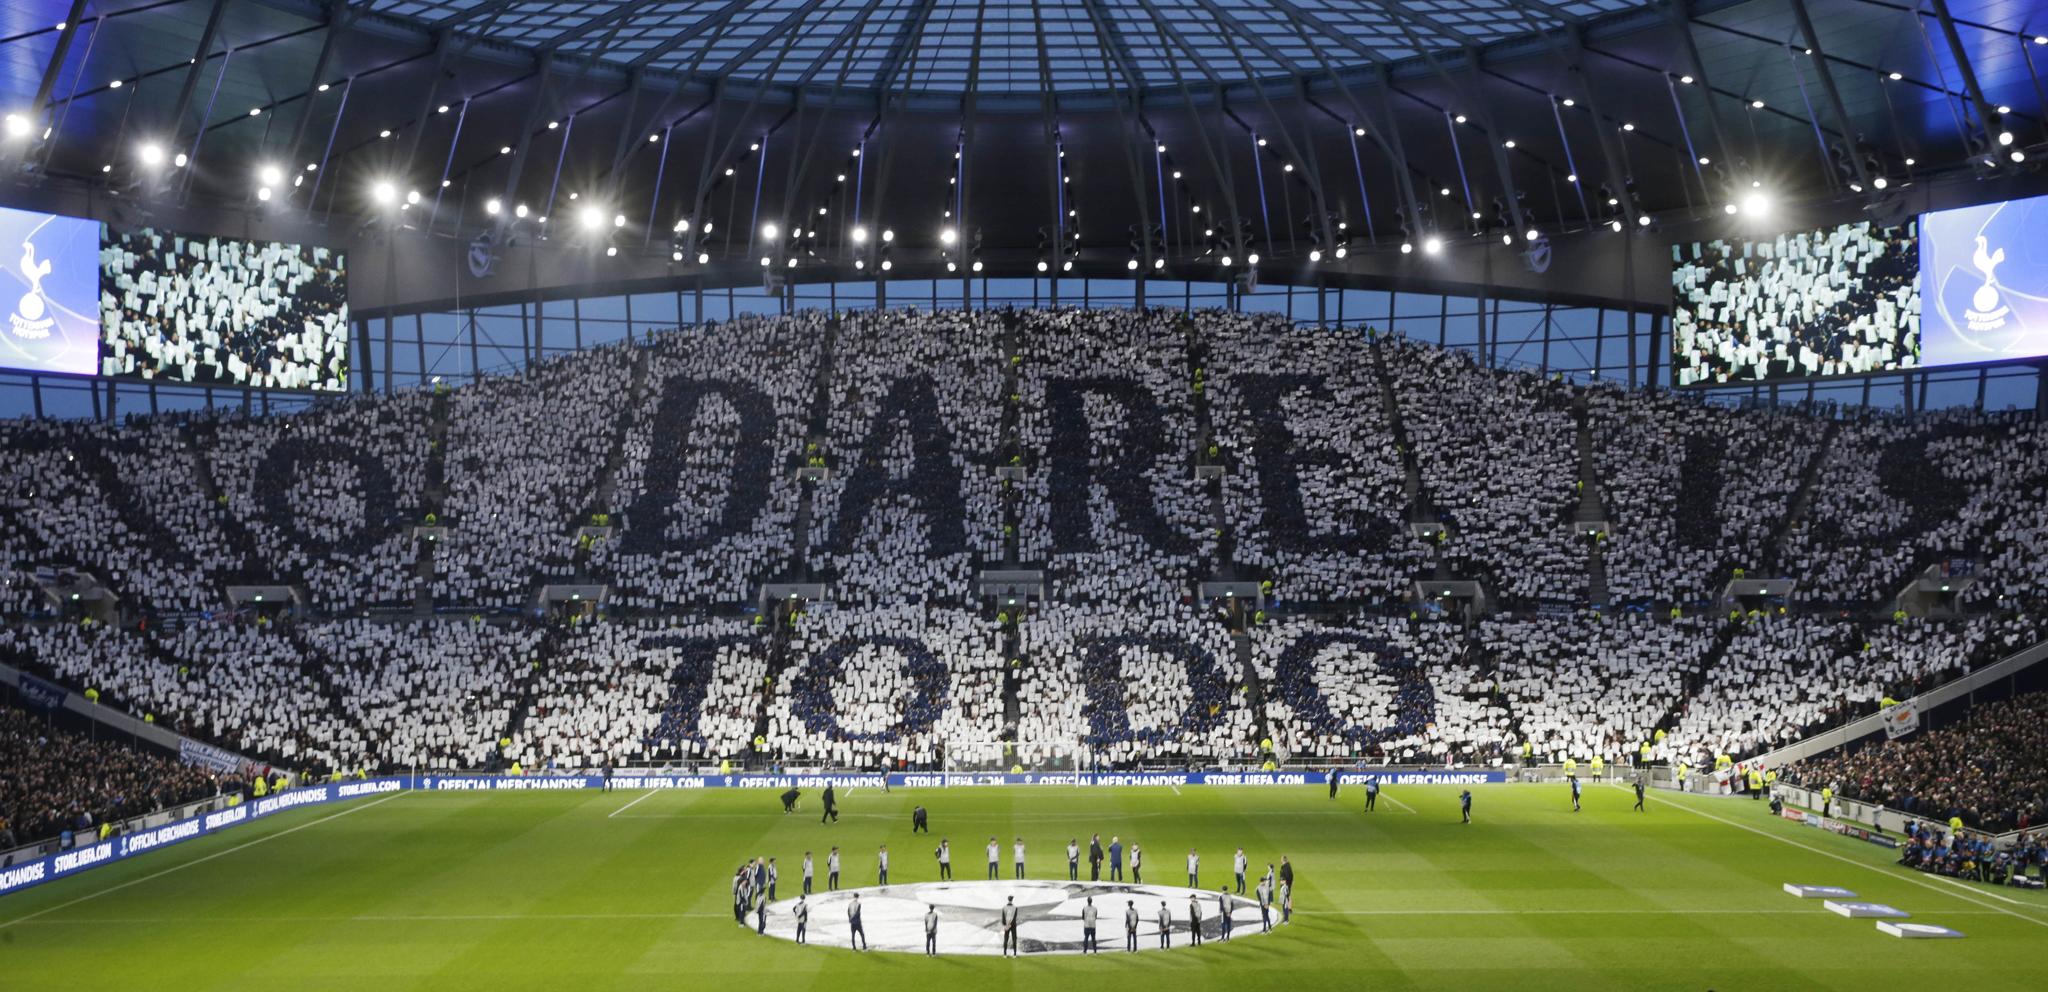 Spurs Media Watch & News | Tottenham Hotspur